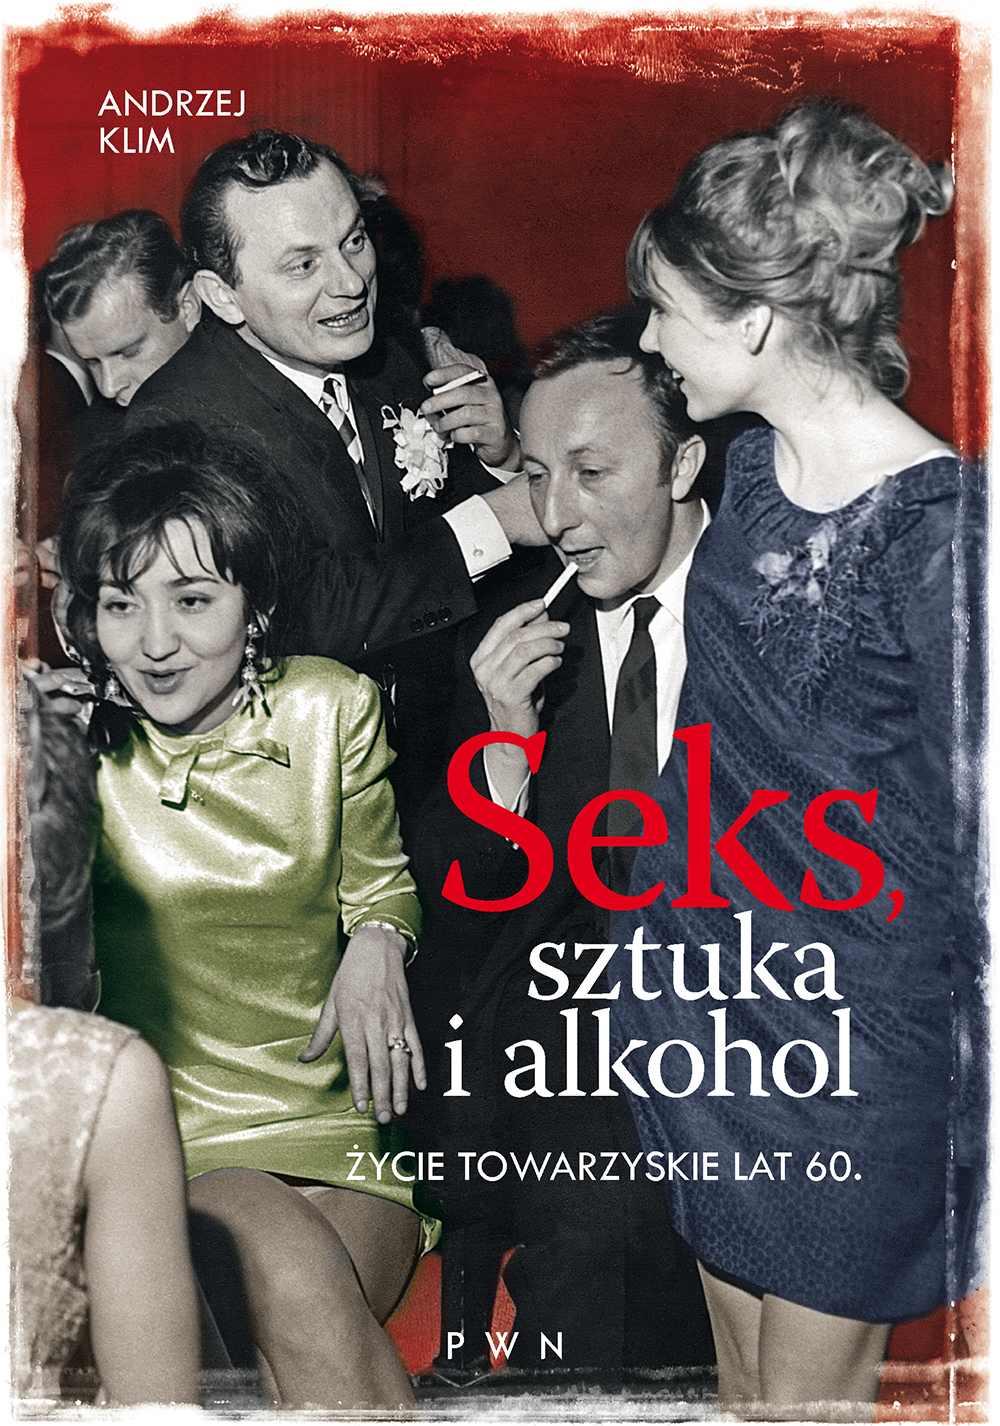 Seks, sztuka i alkohol - Ebook (Książka na Kindle) do pobrania w formacie MOBI